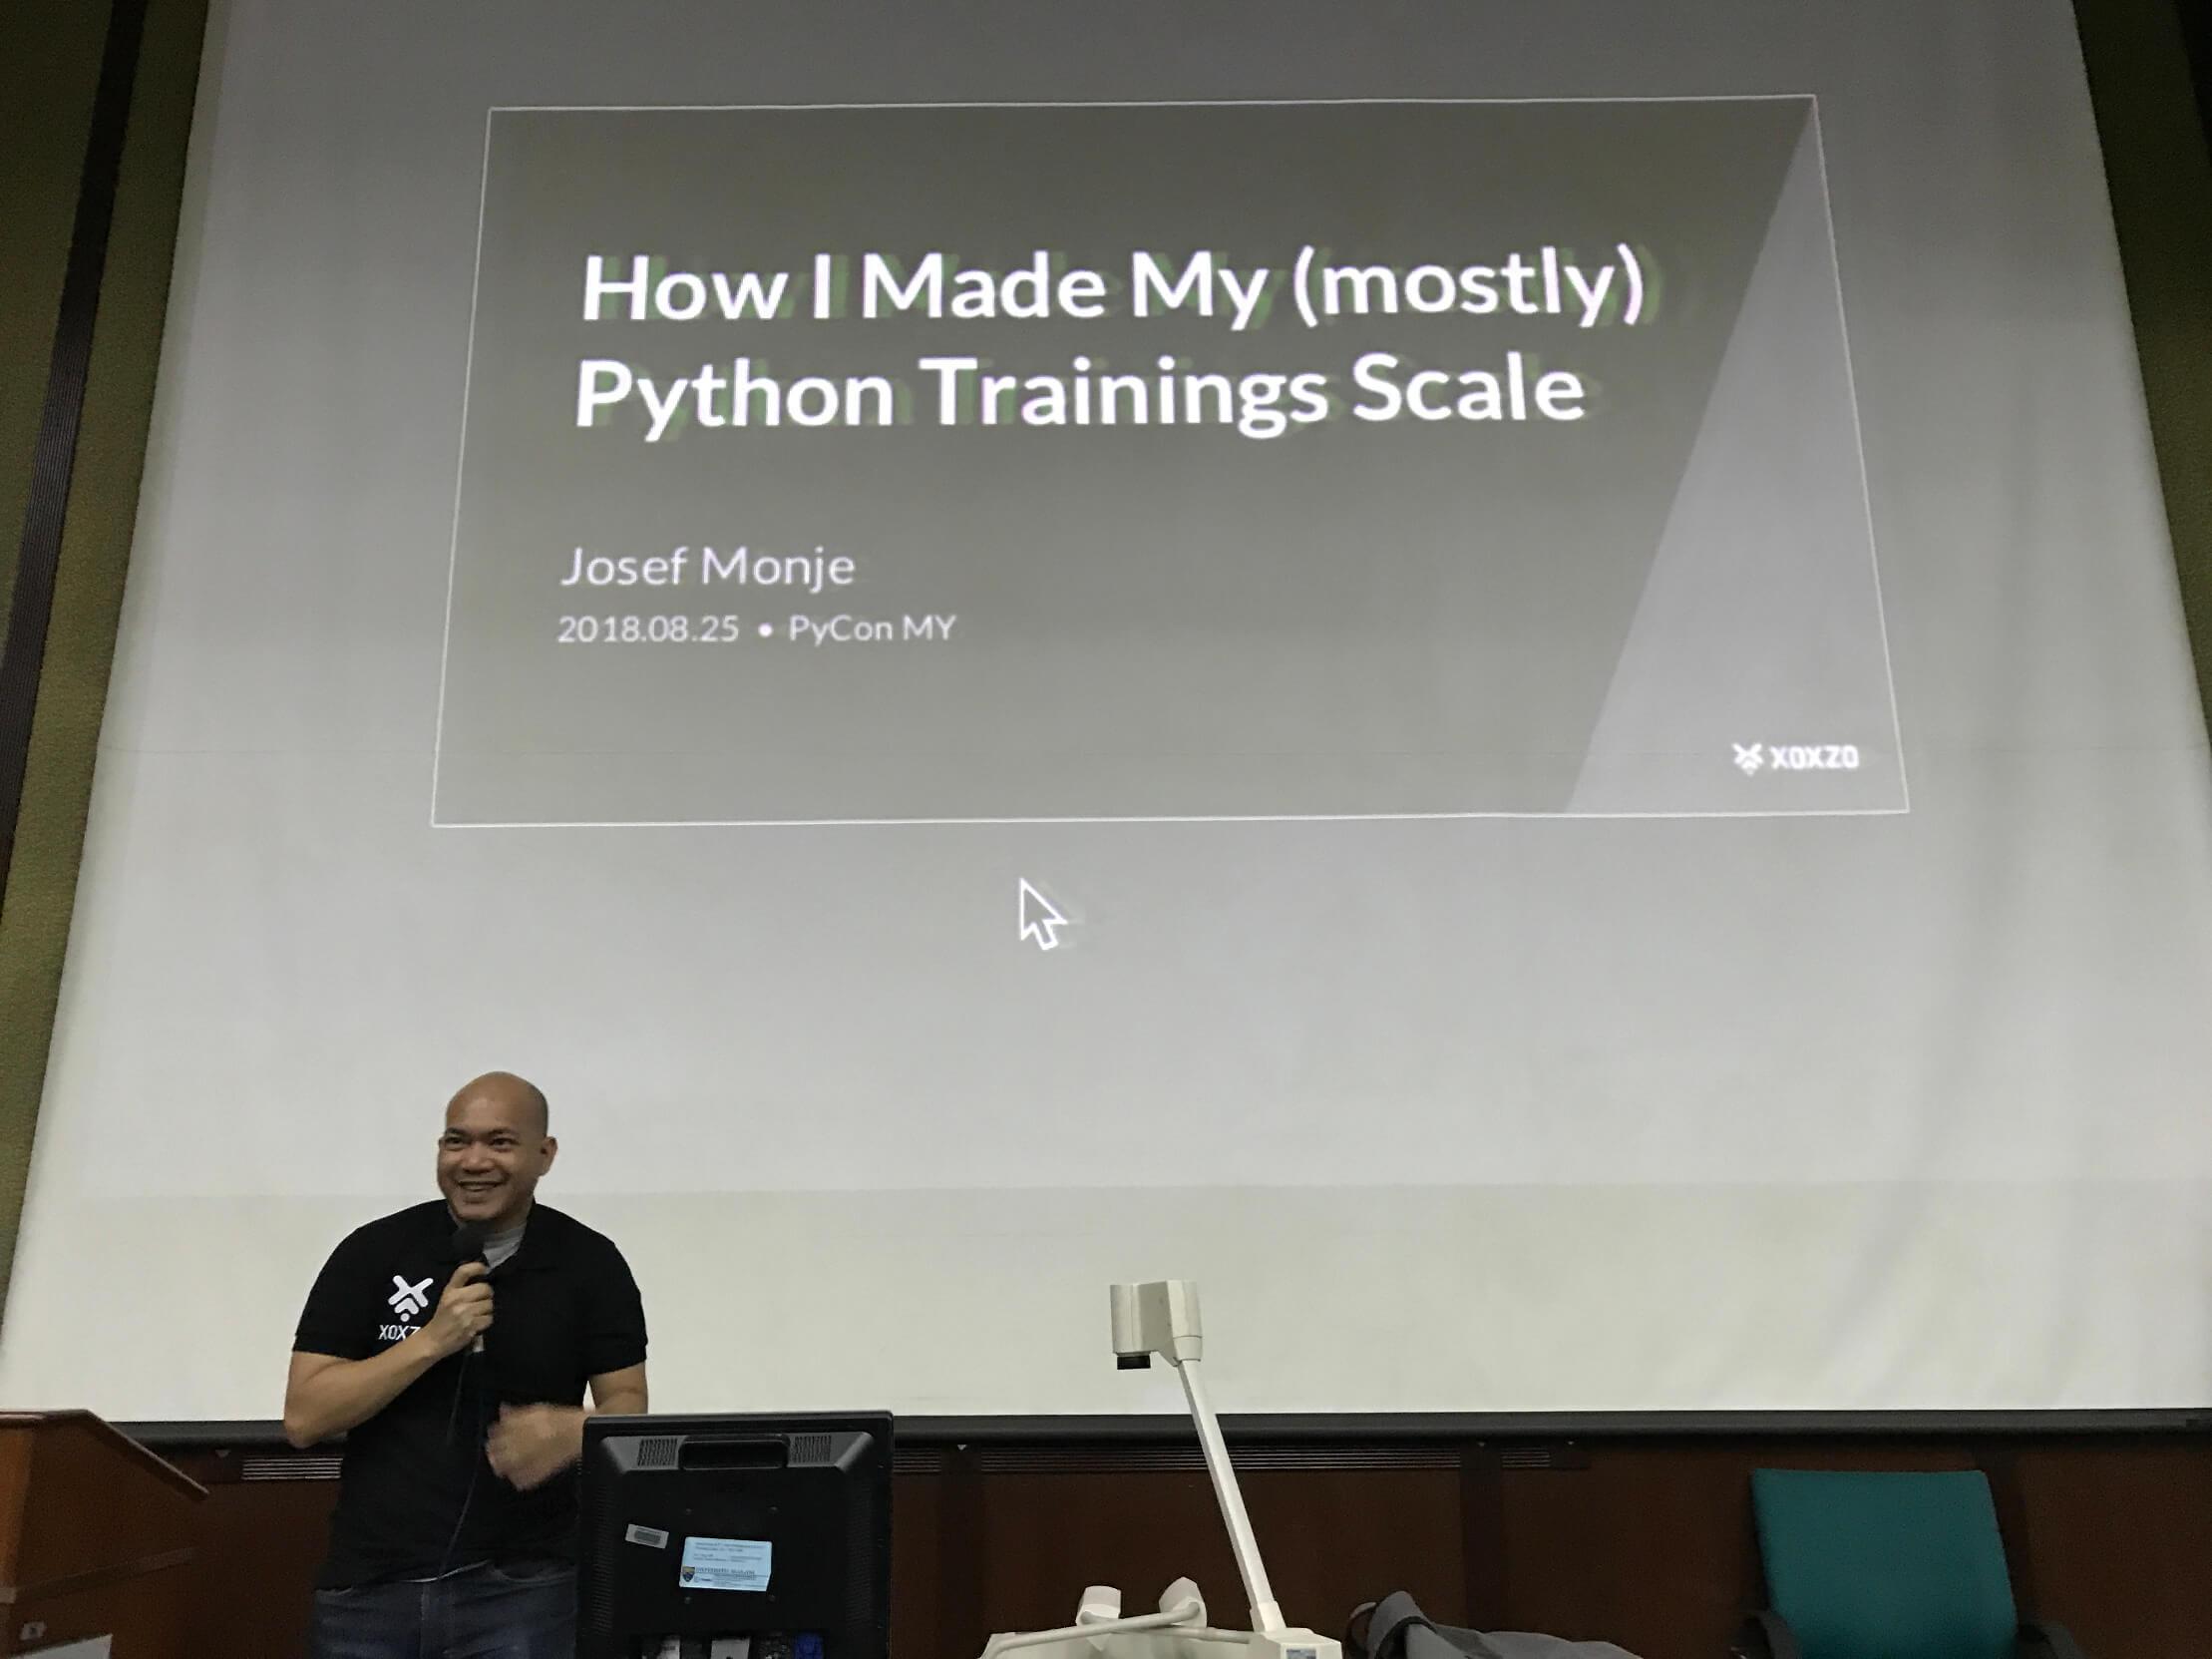 Josef talk